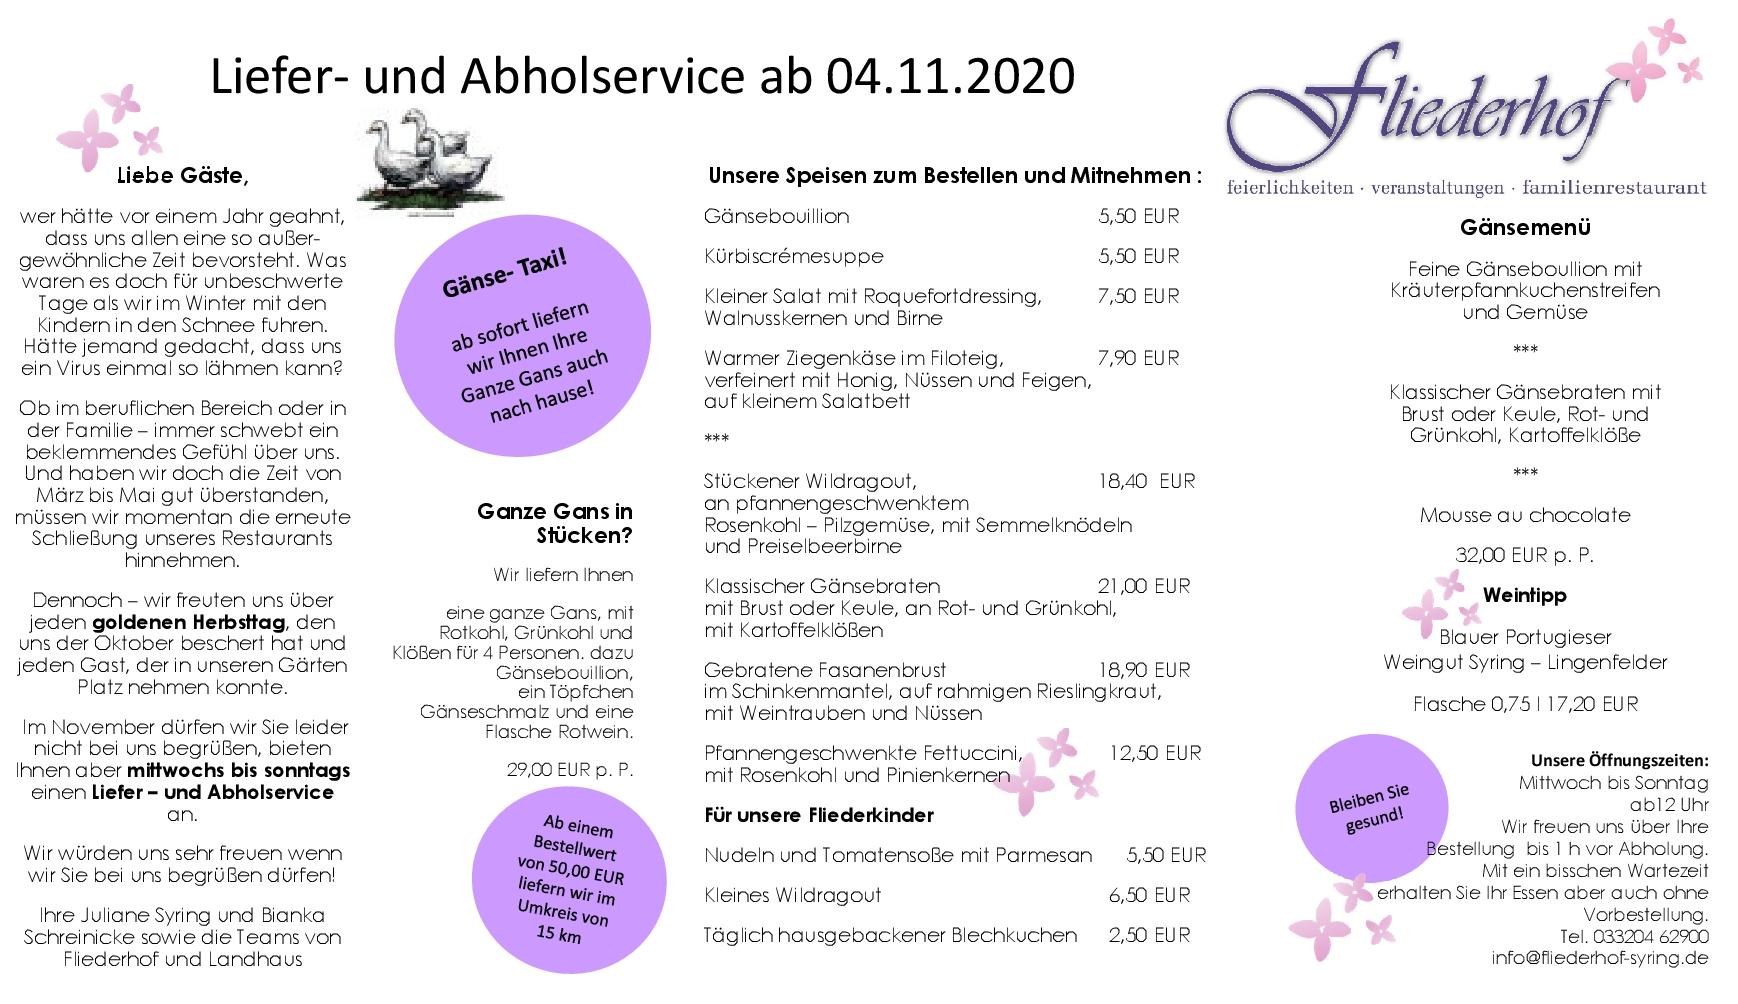 Speisekarte Fliederhof